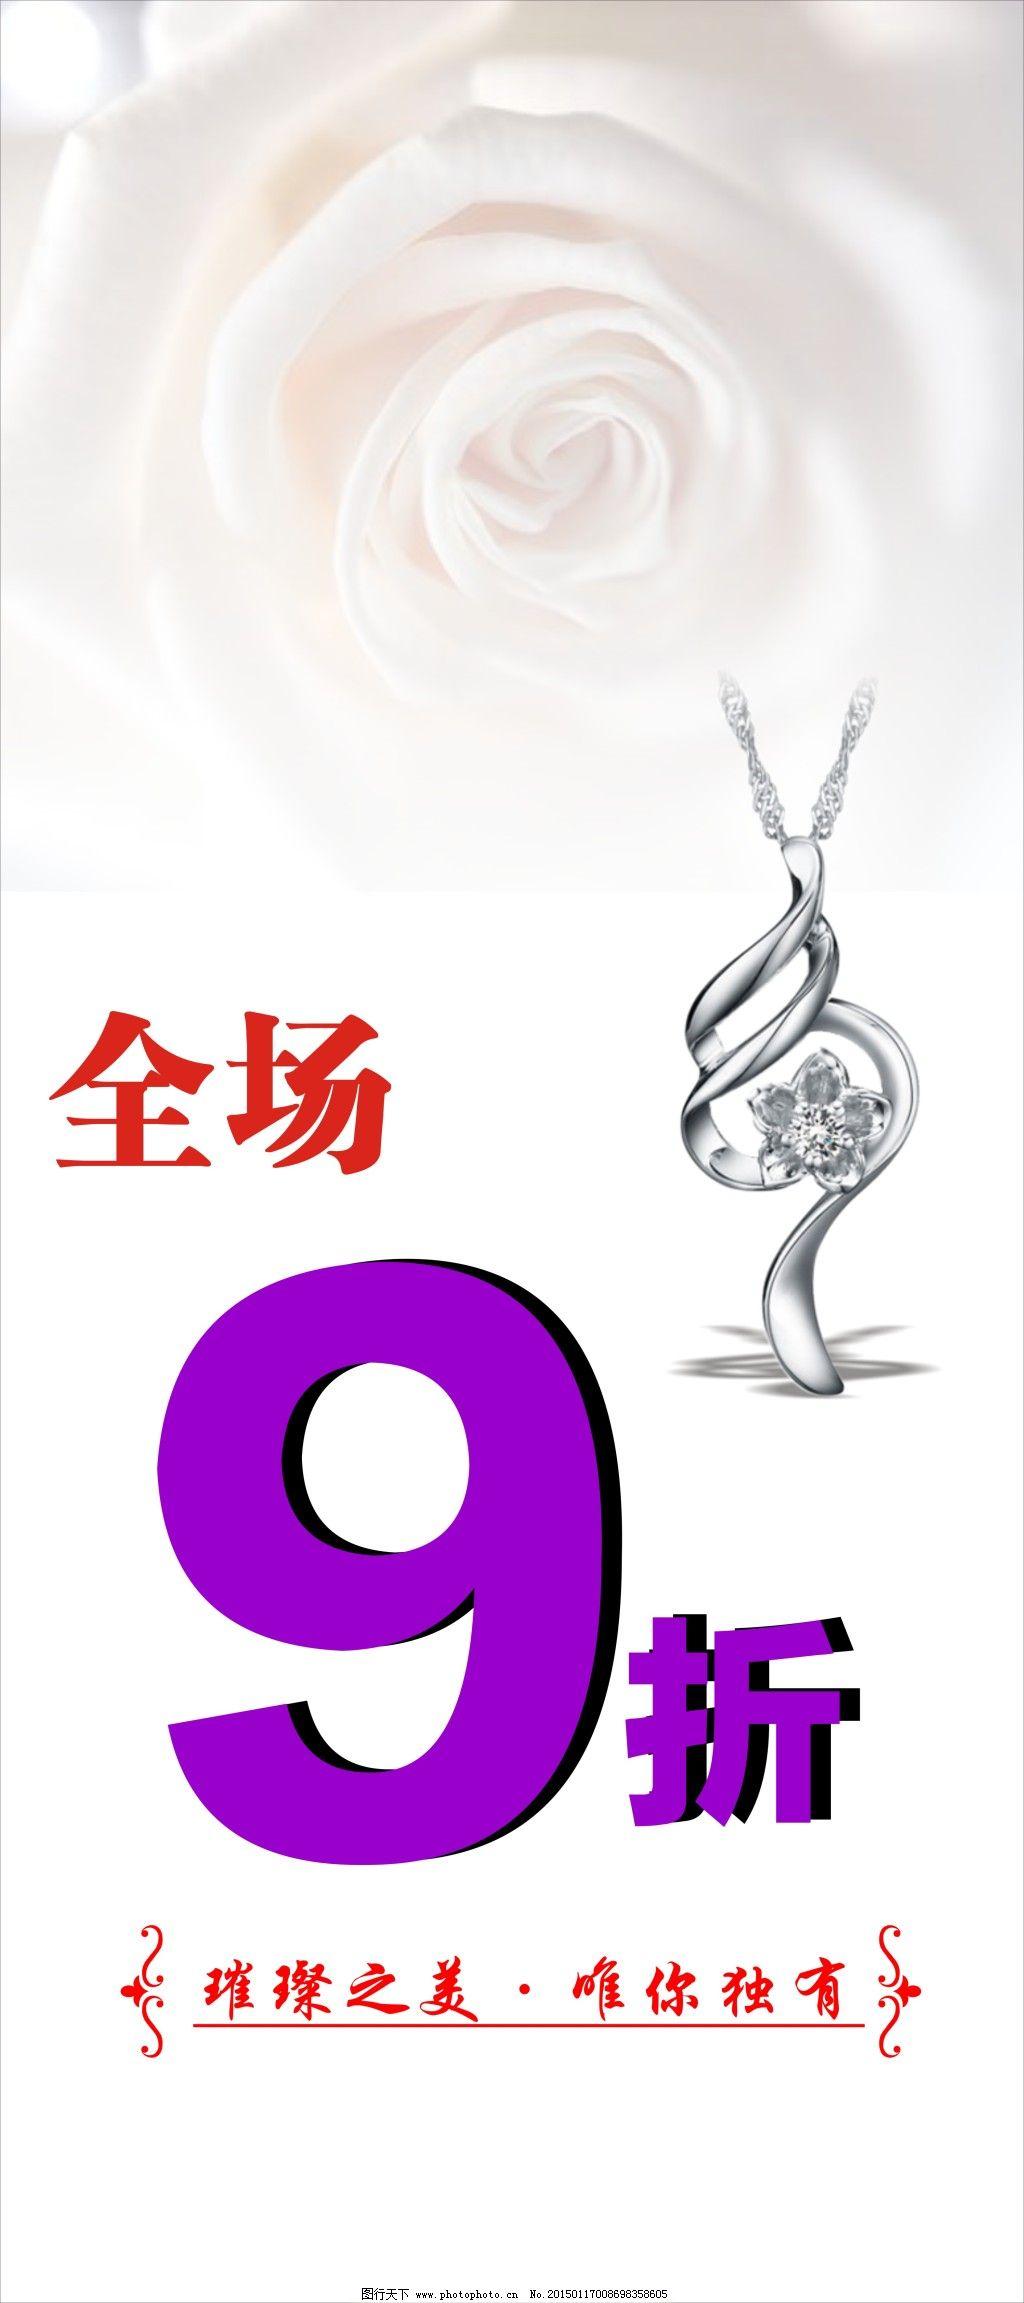 珠宝x展架面免费下载 x展架 钻石项链 x展架 钻石项链 珠宝广告语图片